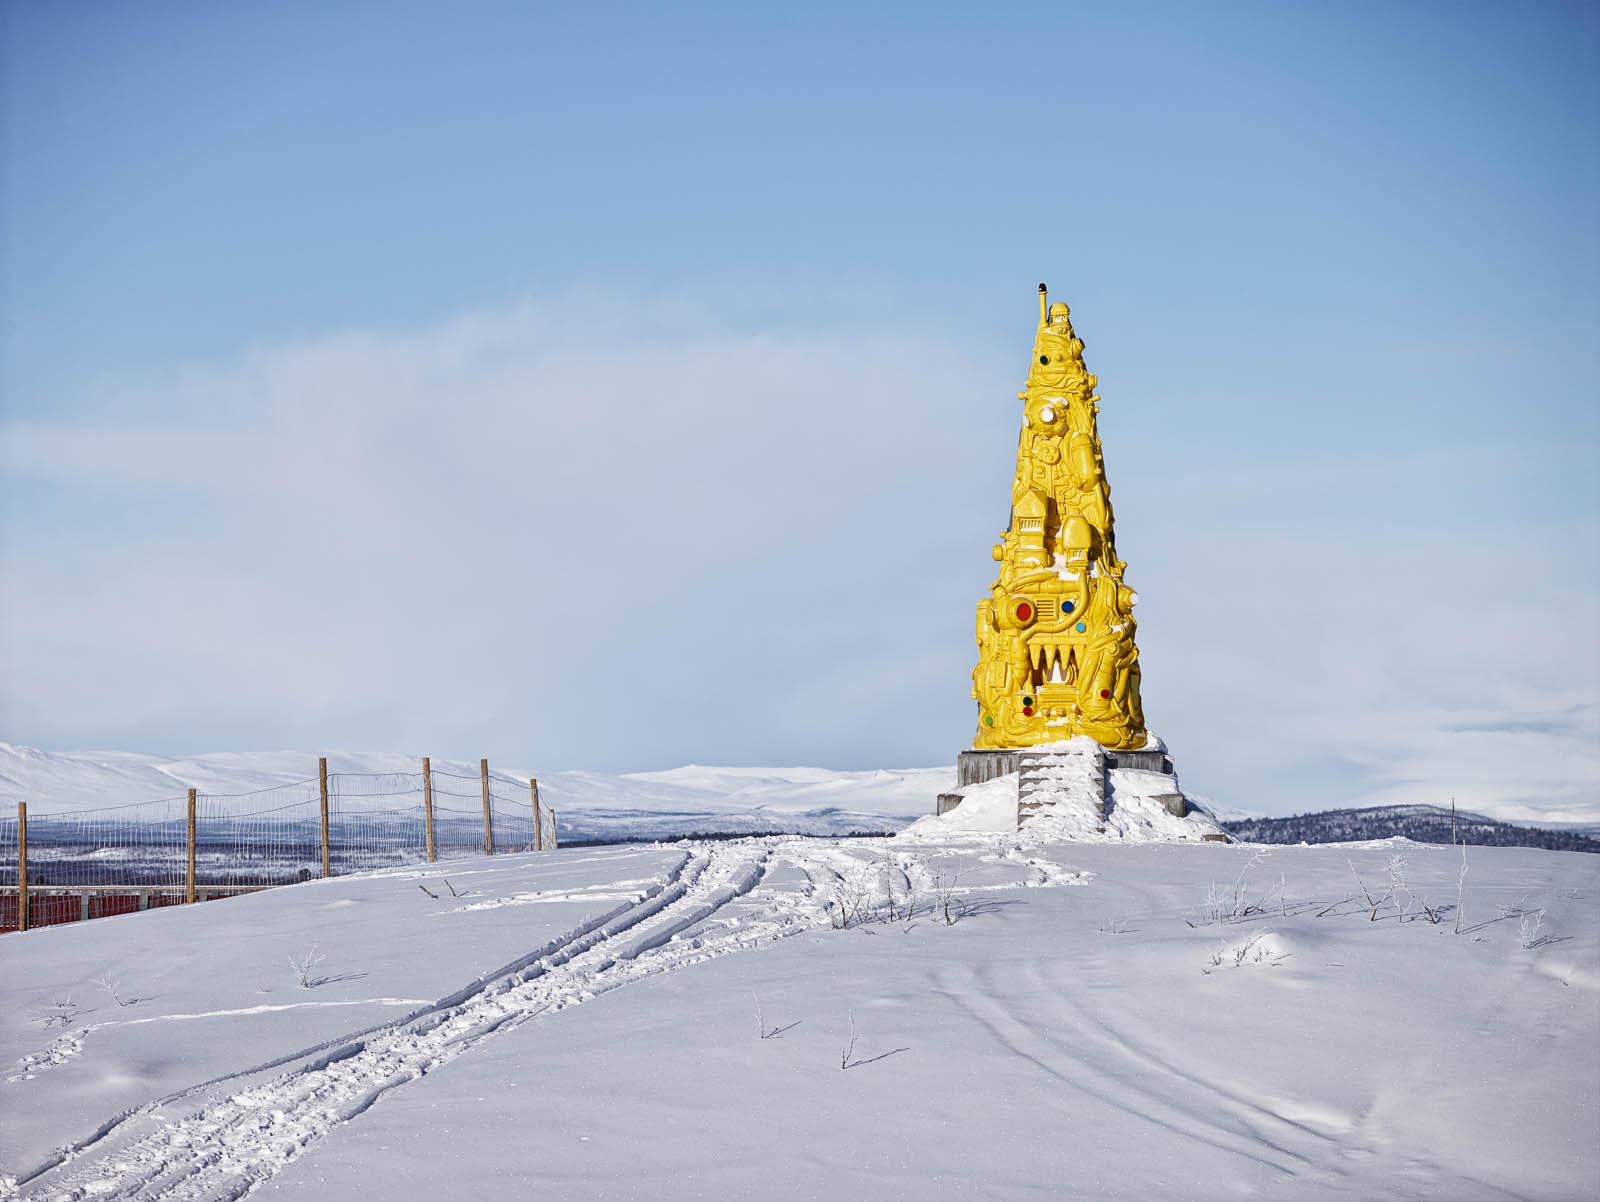 Skulpturen Totems gula sida, med något som ser ut som byggnader, taggar och i toppen det som tycks vara en hjälmklädd figur med höjd näve. Oskar Aglert, Totem.